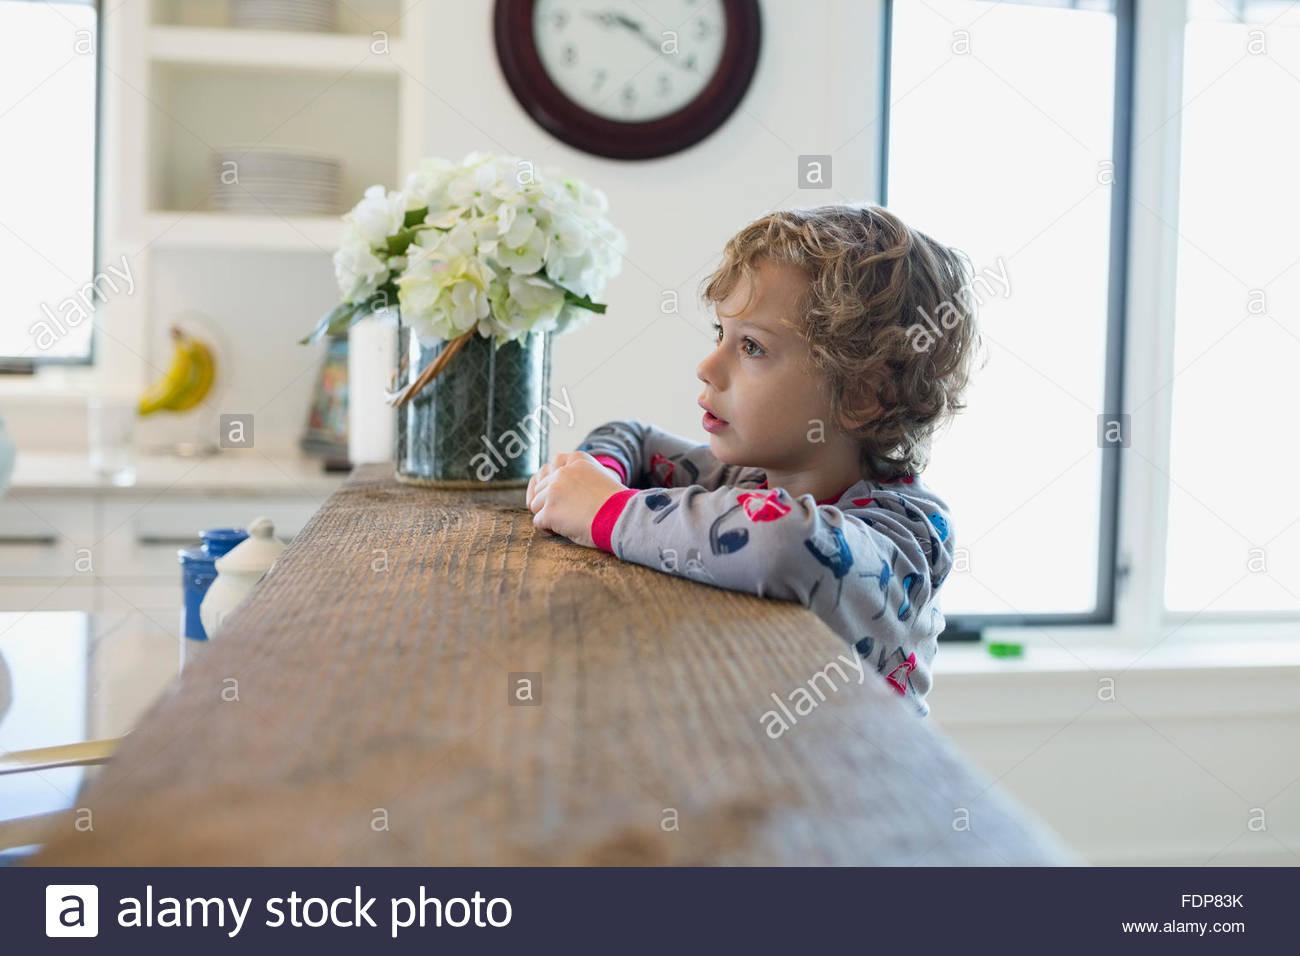 Junge im Pyjama stützte sich auf Küche Frühstücksbar Stockbild